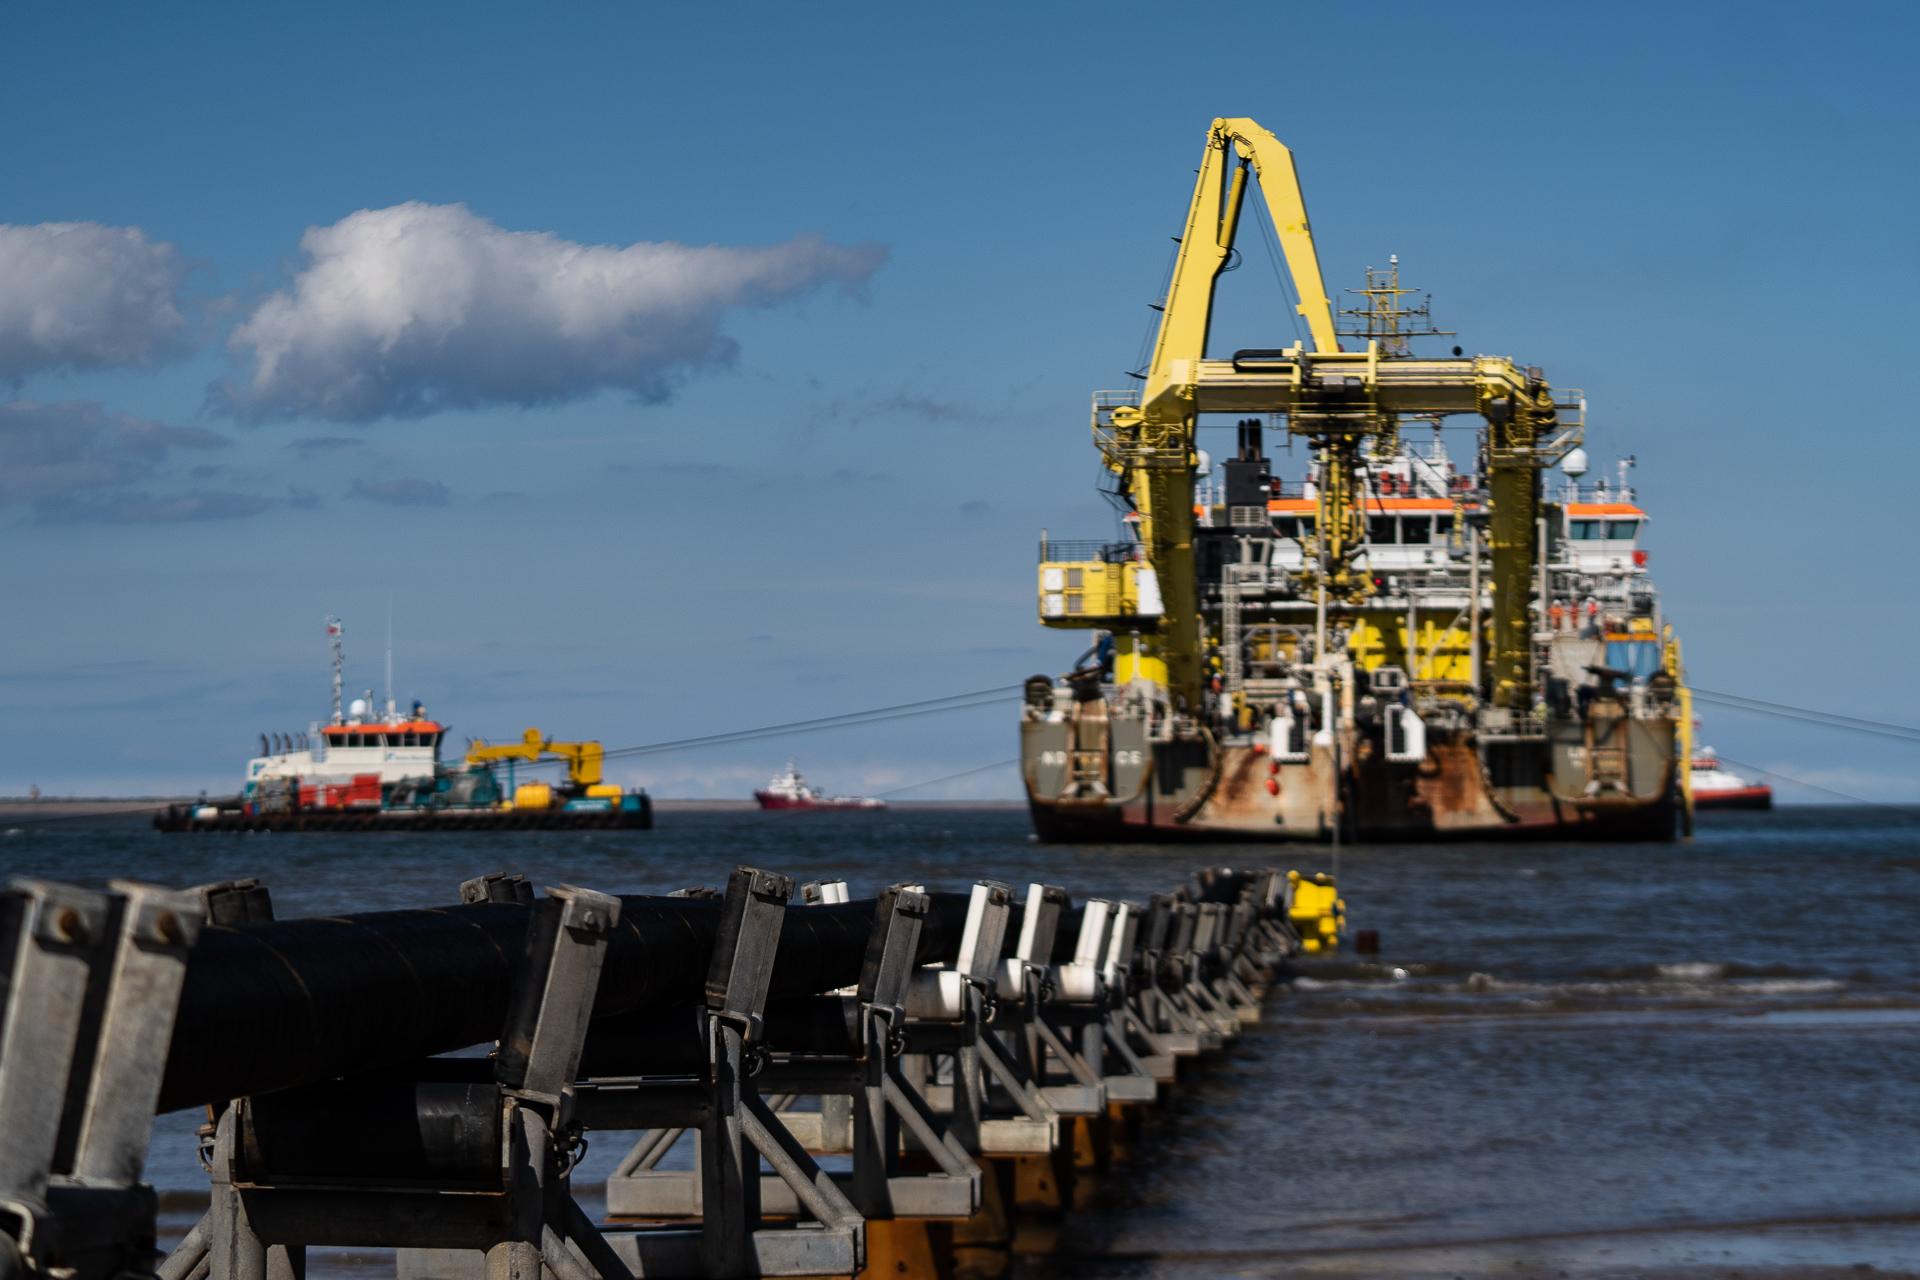 Boskalis' cable laying vessel Ndurance